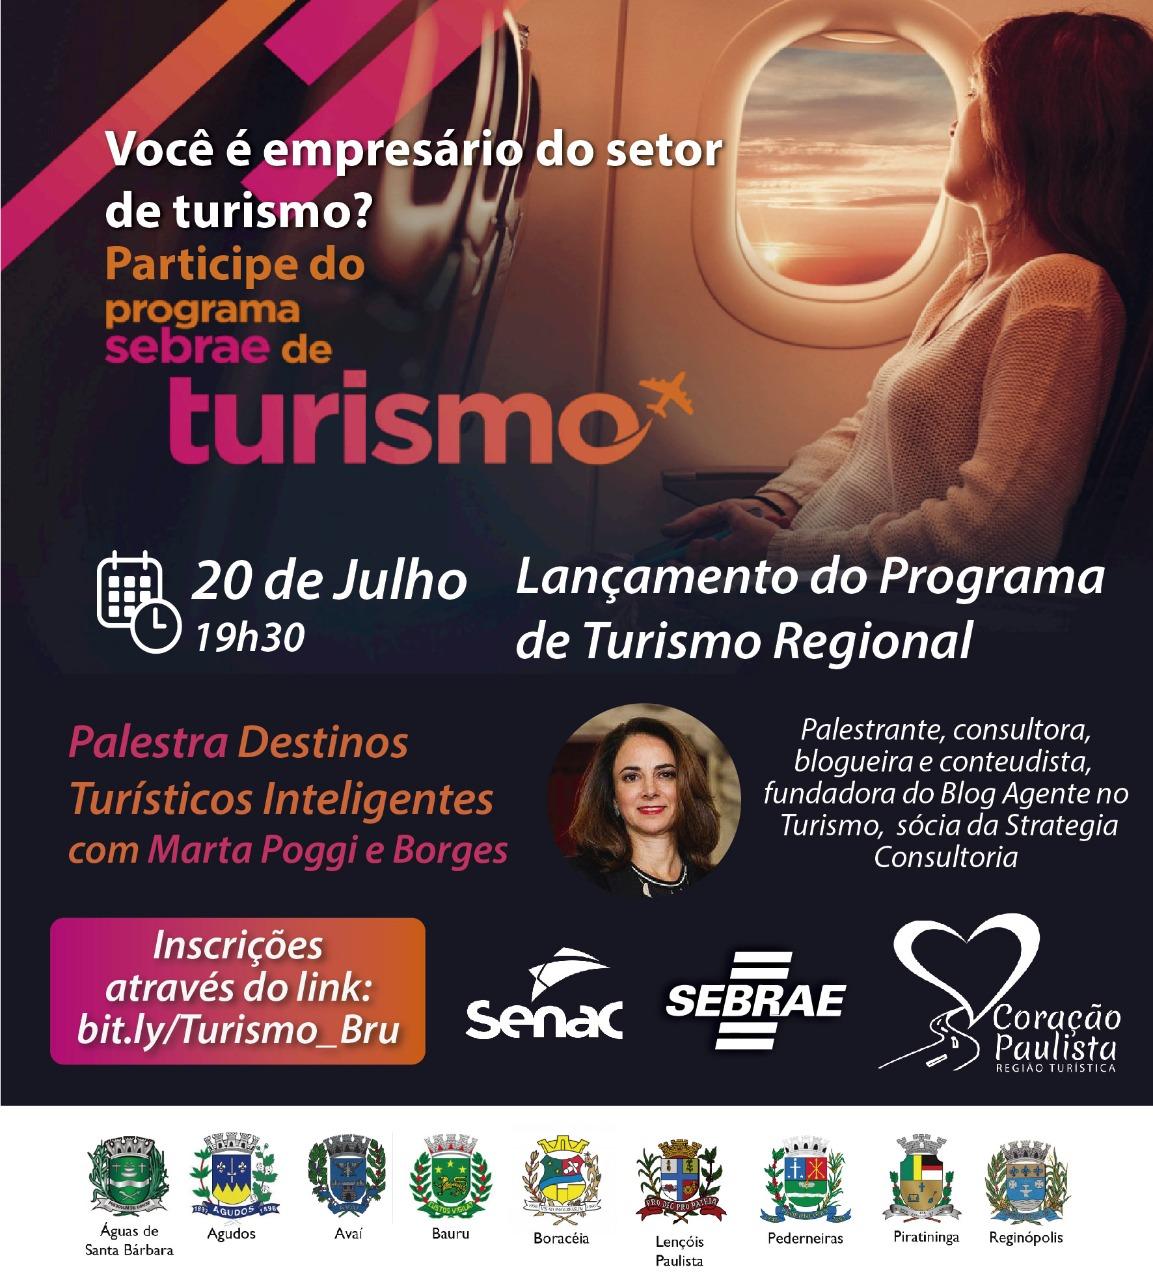 Sedecon firma parceria com o Sebrae para lançamento de programa de capacitação para empreendedores do turismo